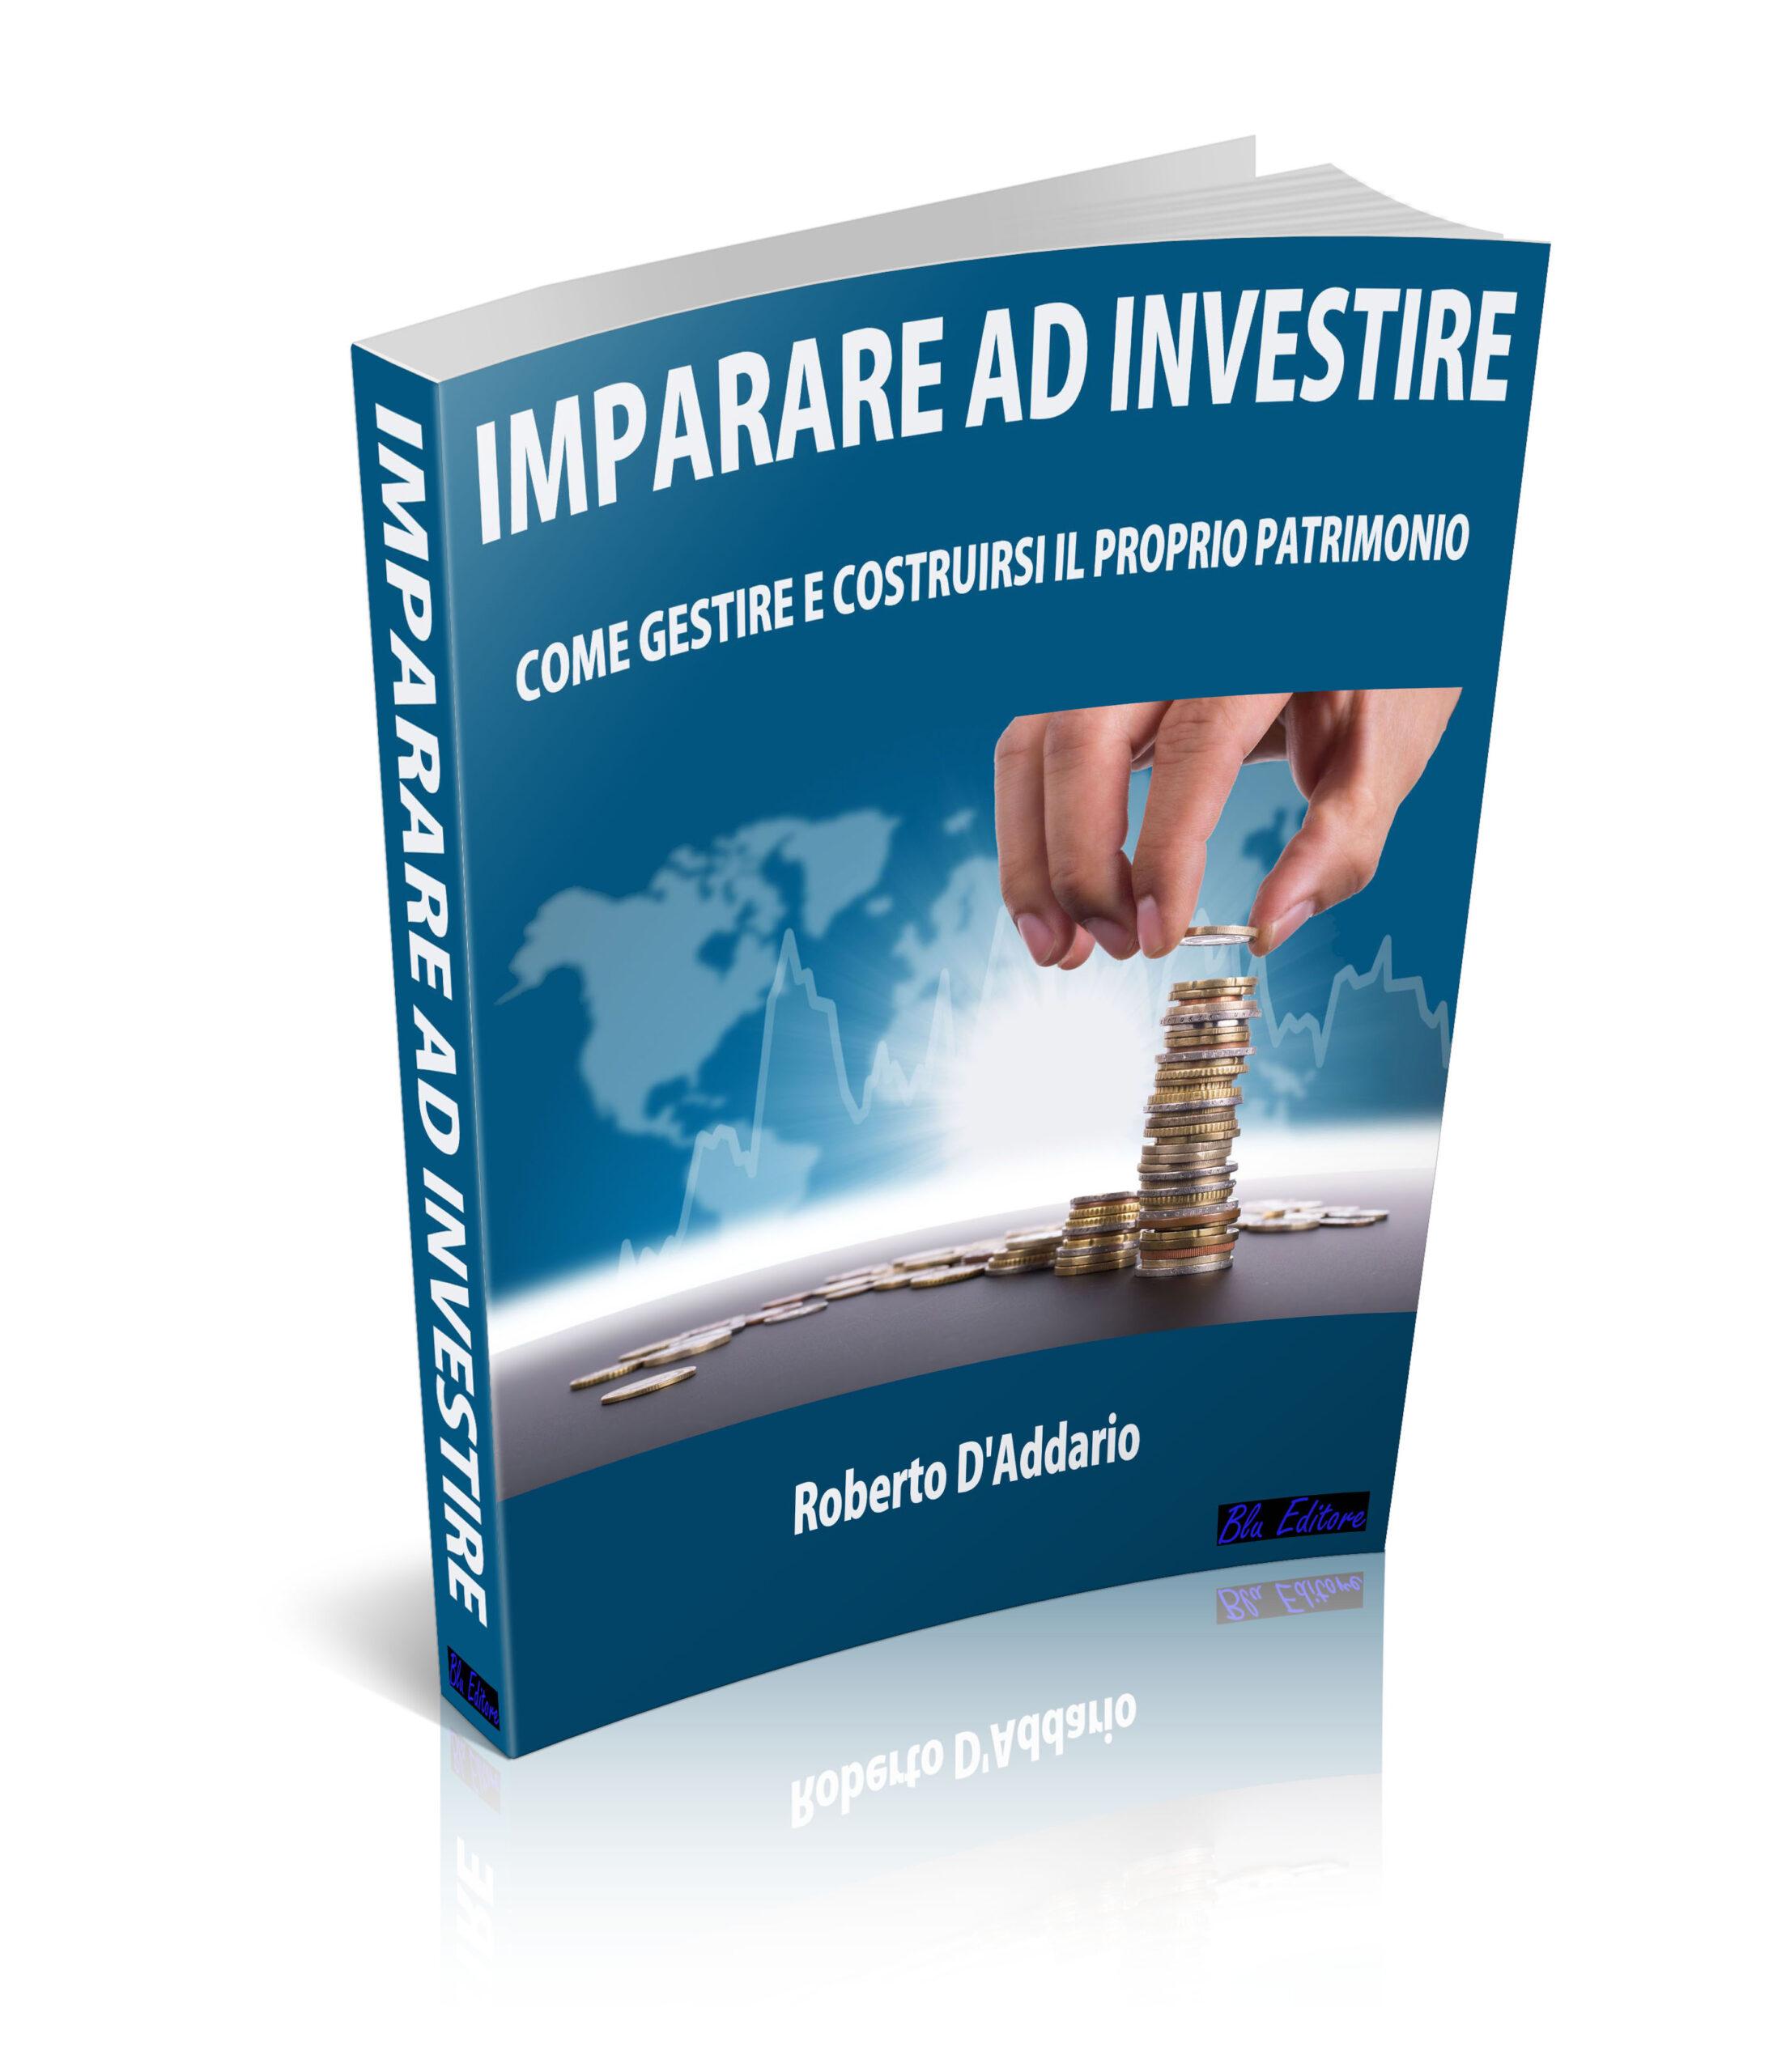 Imparare ad Investire